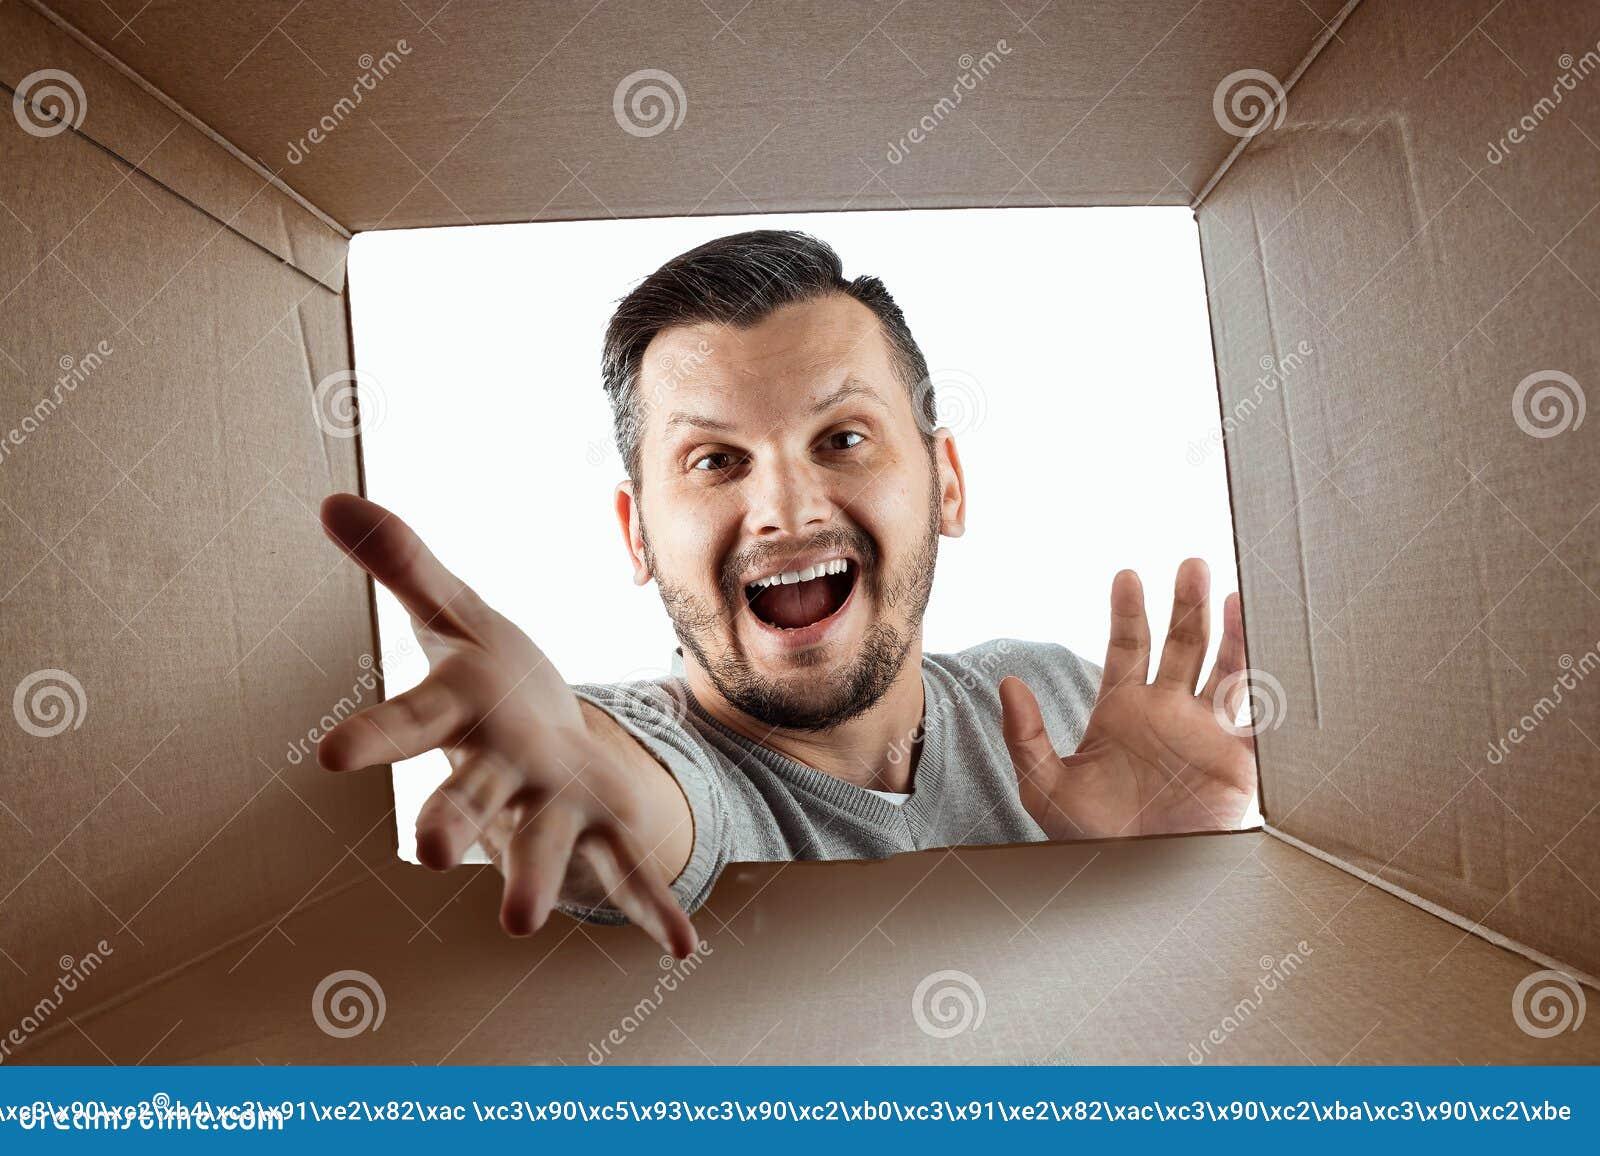 Unboxing, el fondo creativo, hombre alegre abre la caja y las miradas en sorpresa El paquete, entrega, sorpresa, regalo